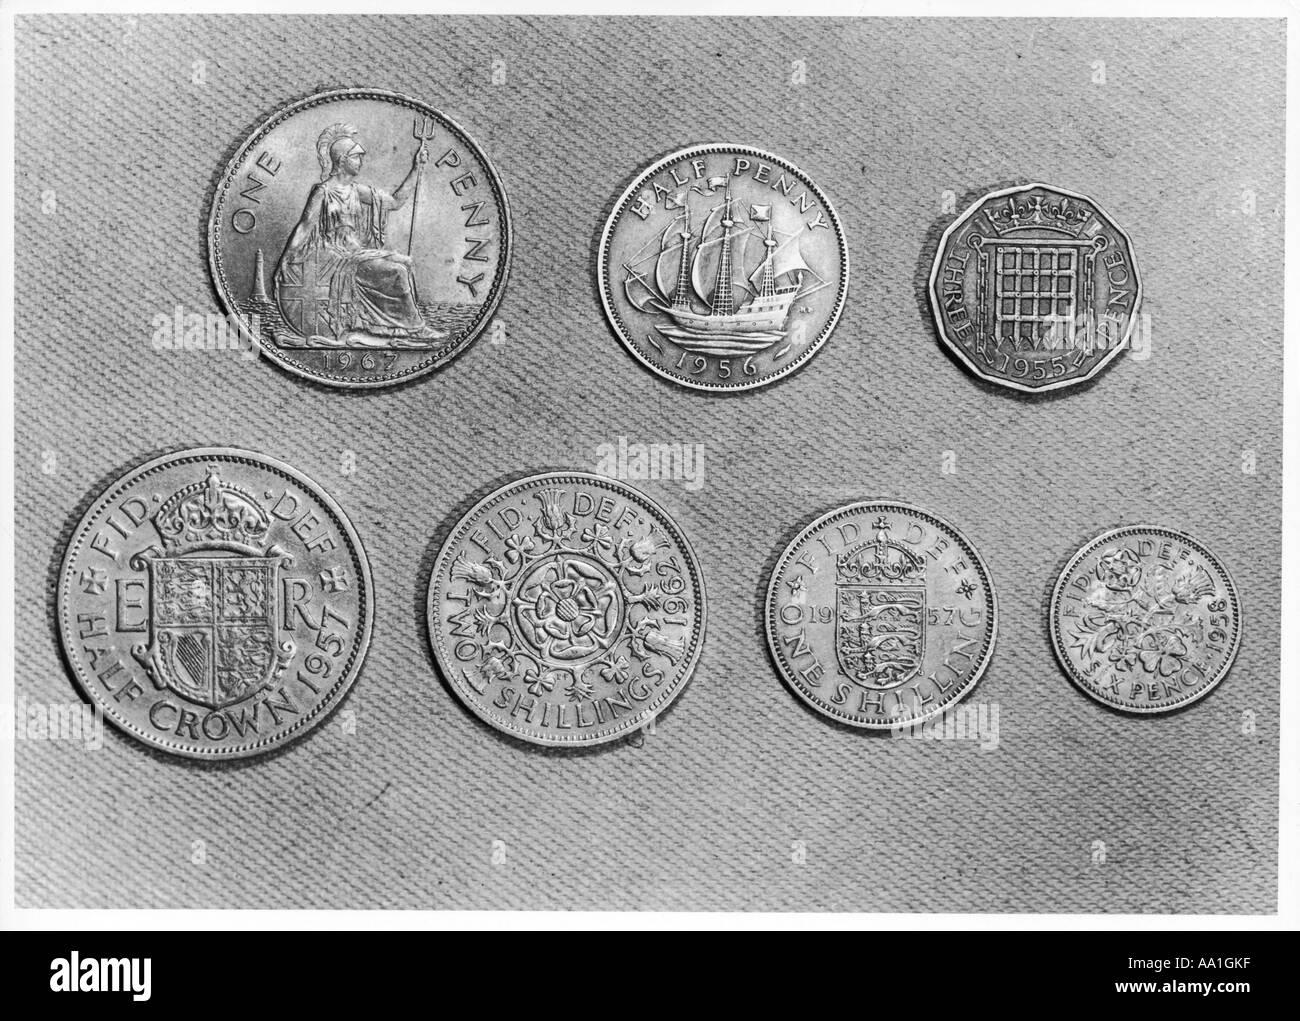 Alte Englische Münzen Stockfoto Bild 7133502 Alamy